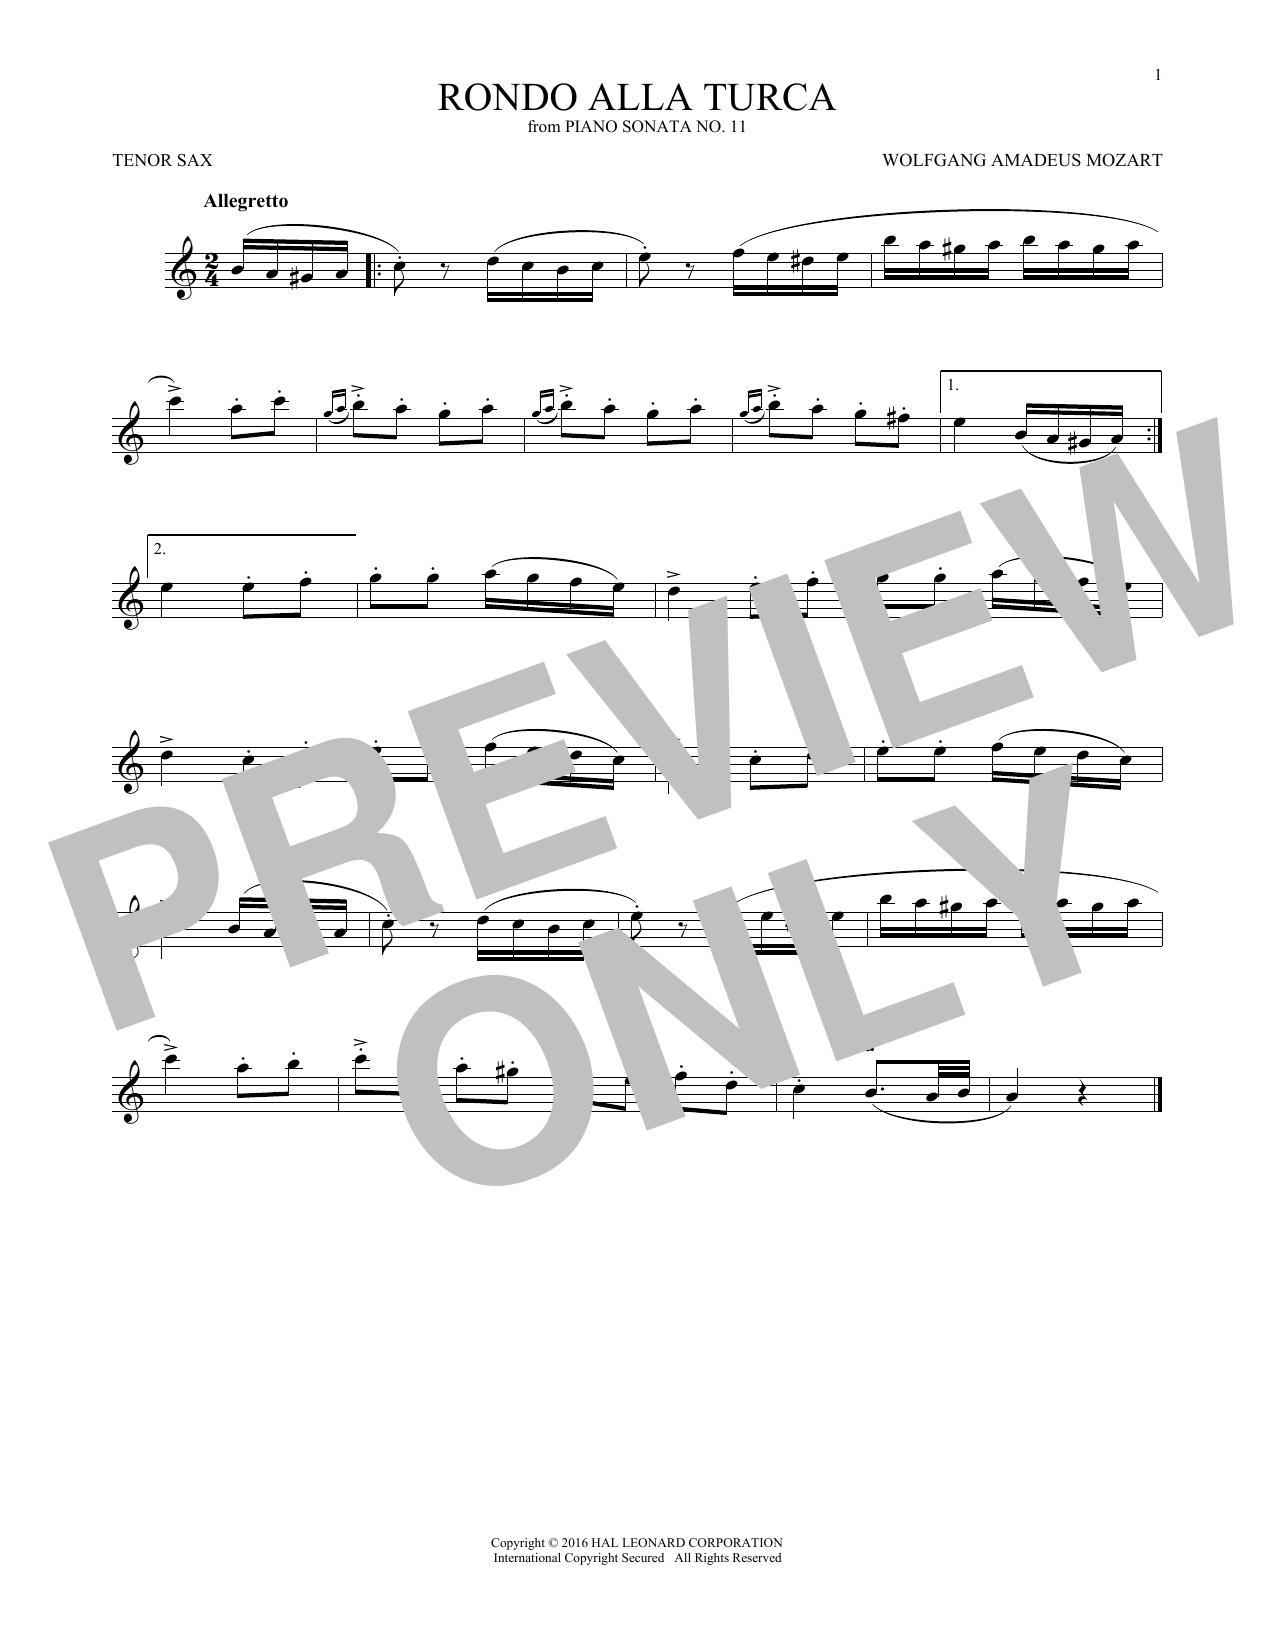 Rondo Alla Turca (Tenor Sax Solo)